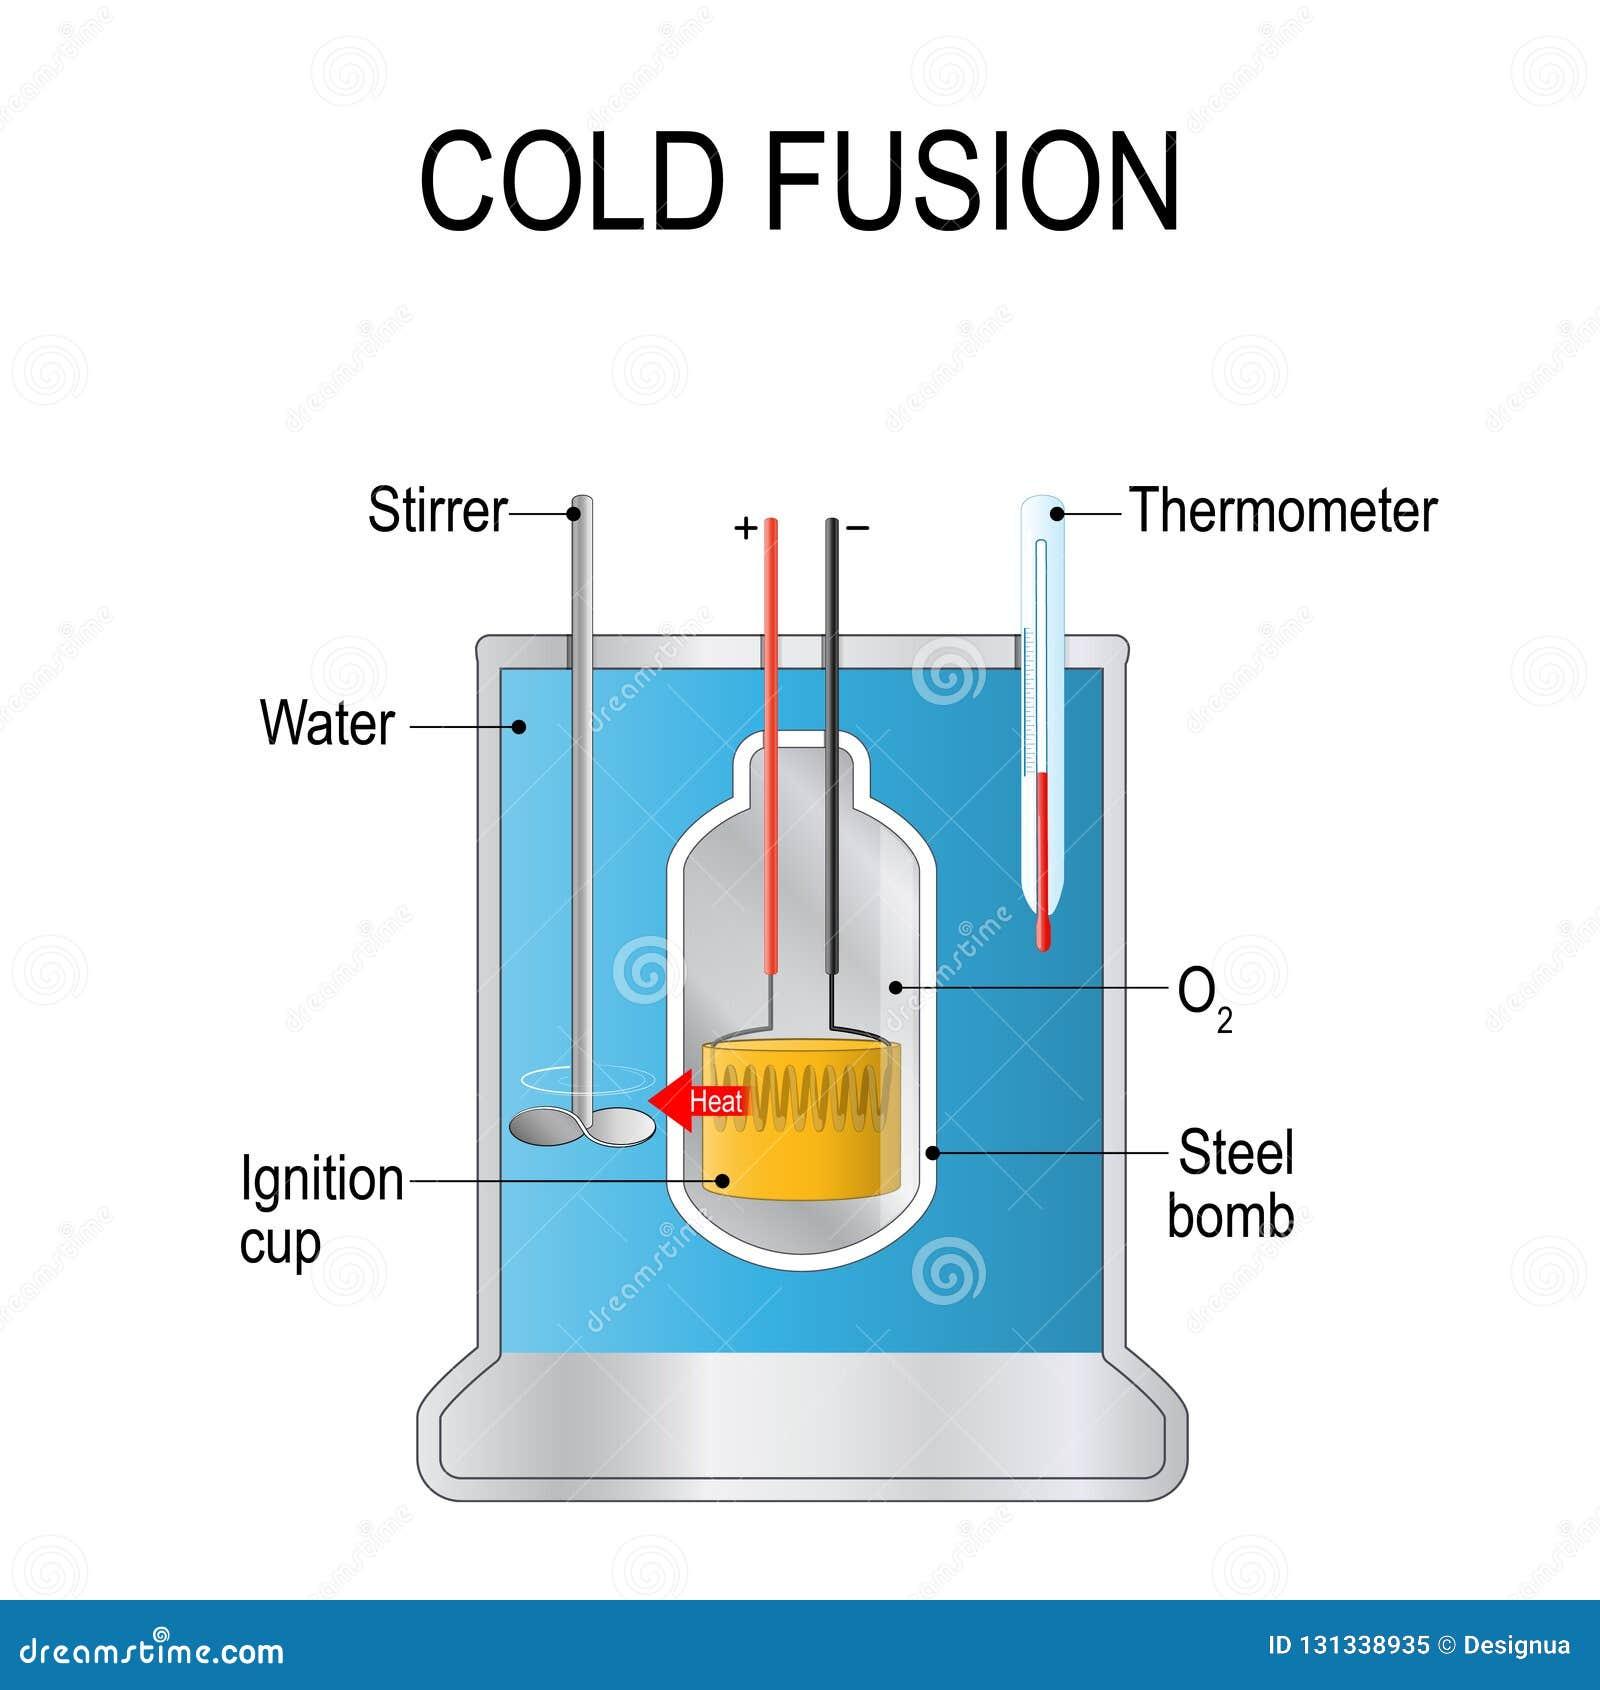 Fusión fría tipo presumido de reacción nuclear teórico